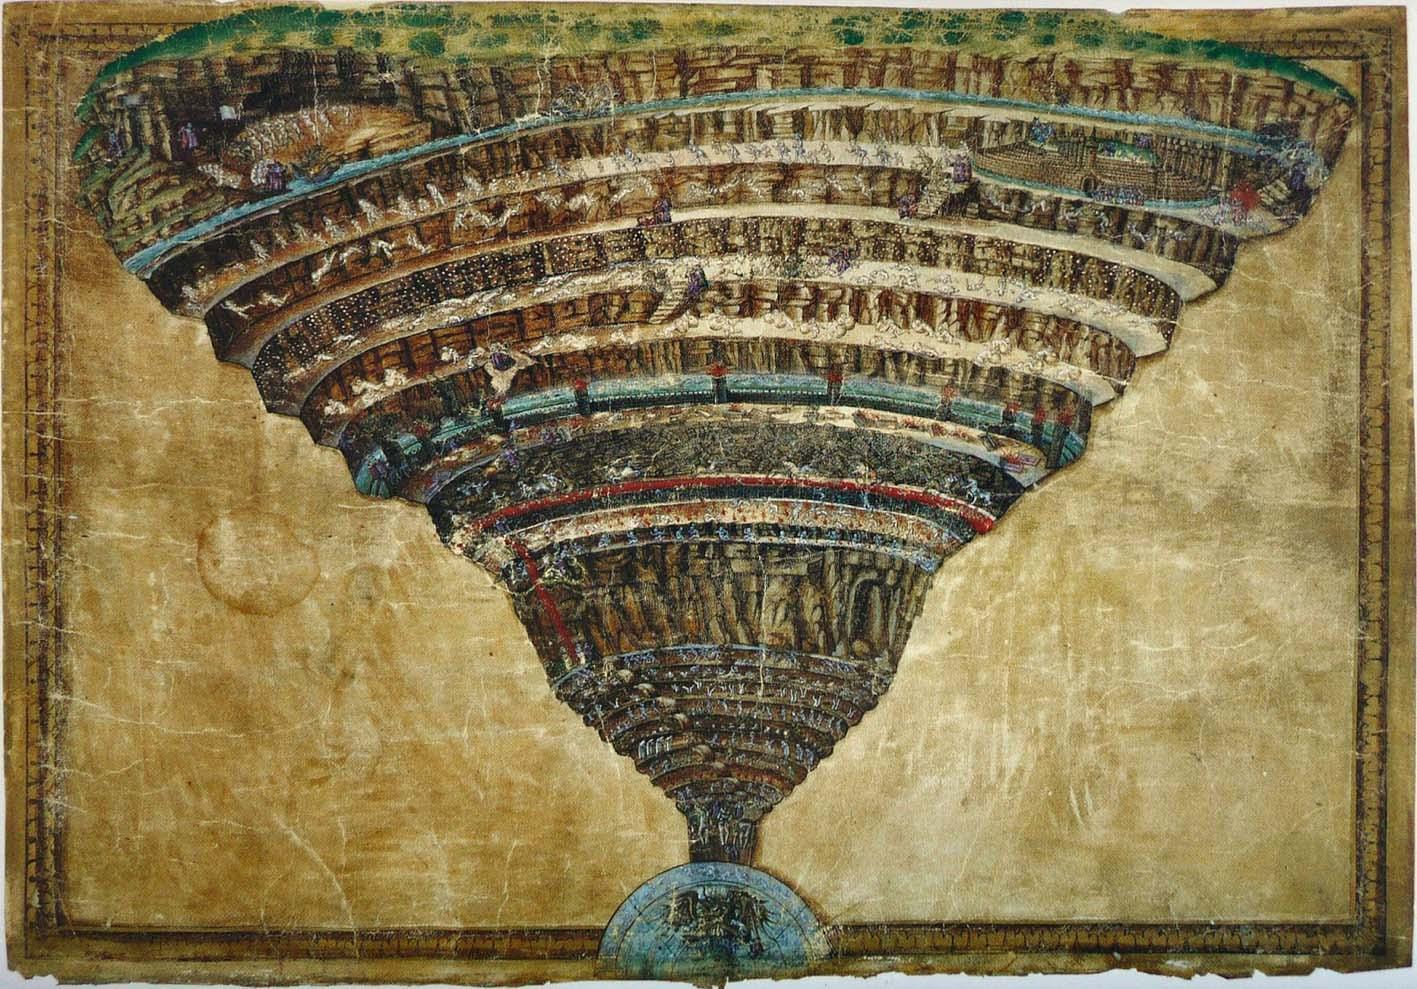 El mapa del infierno, dibujo para La divina comedia de Dante.